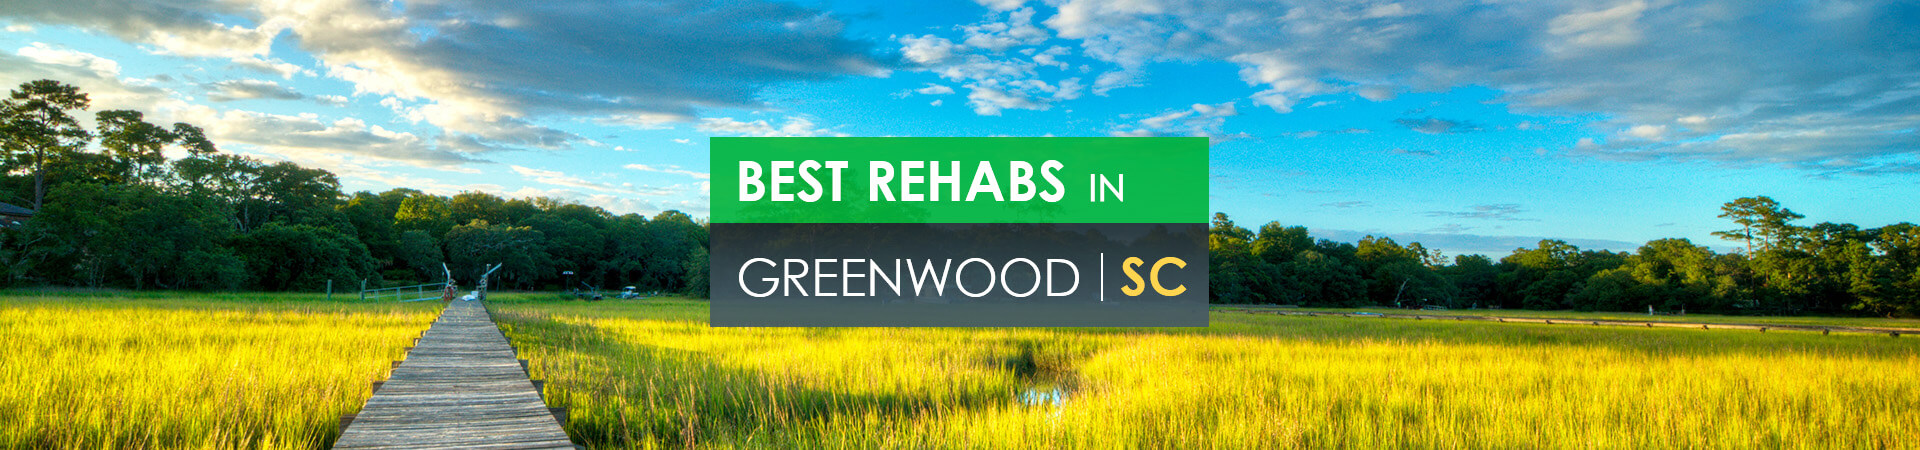 Best rehabs in Greenwood, SC